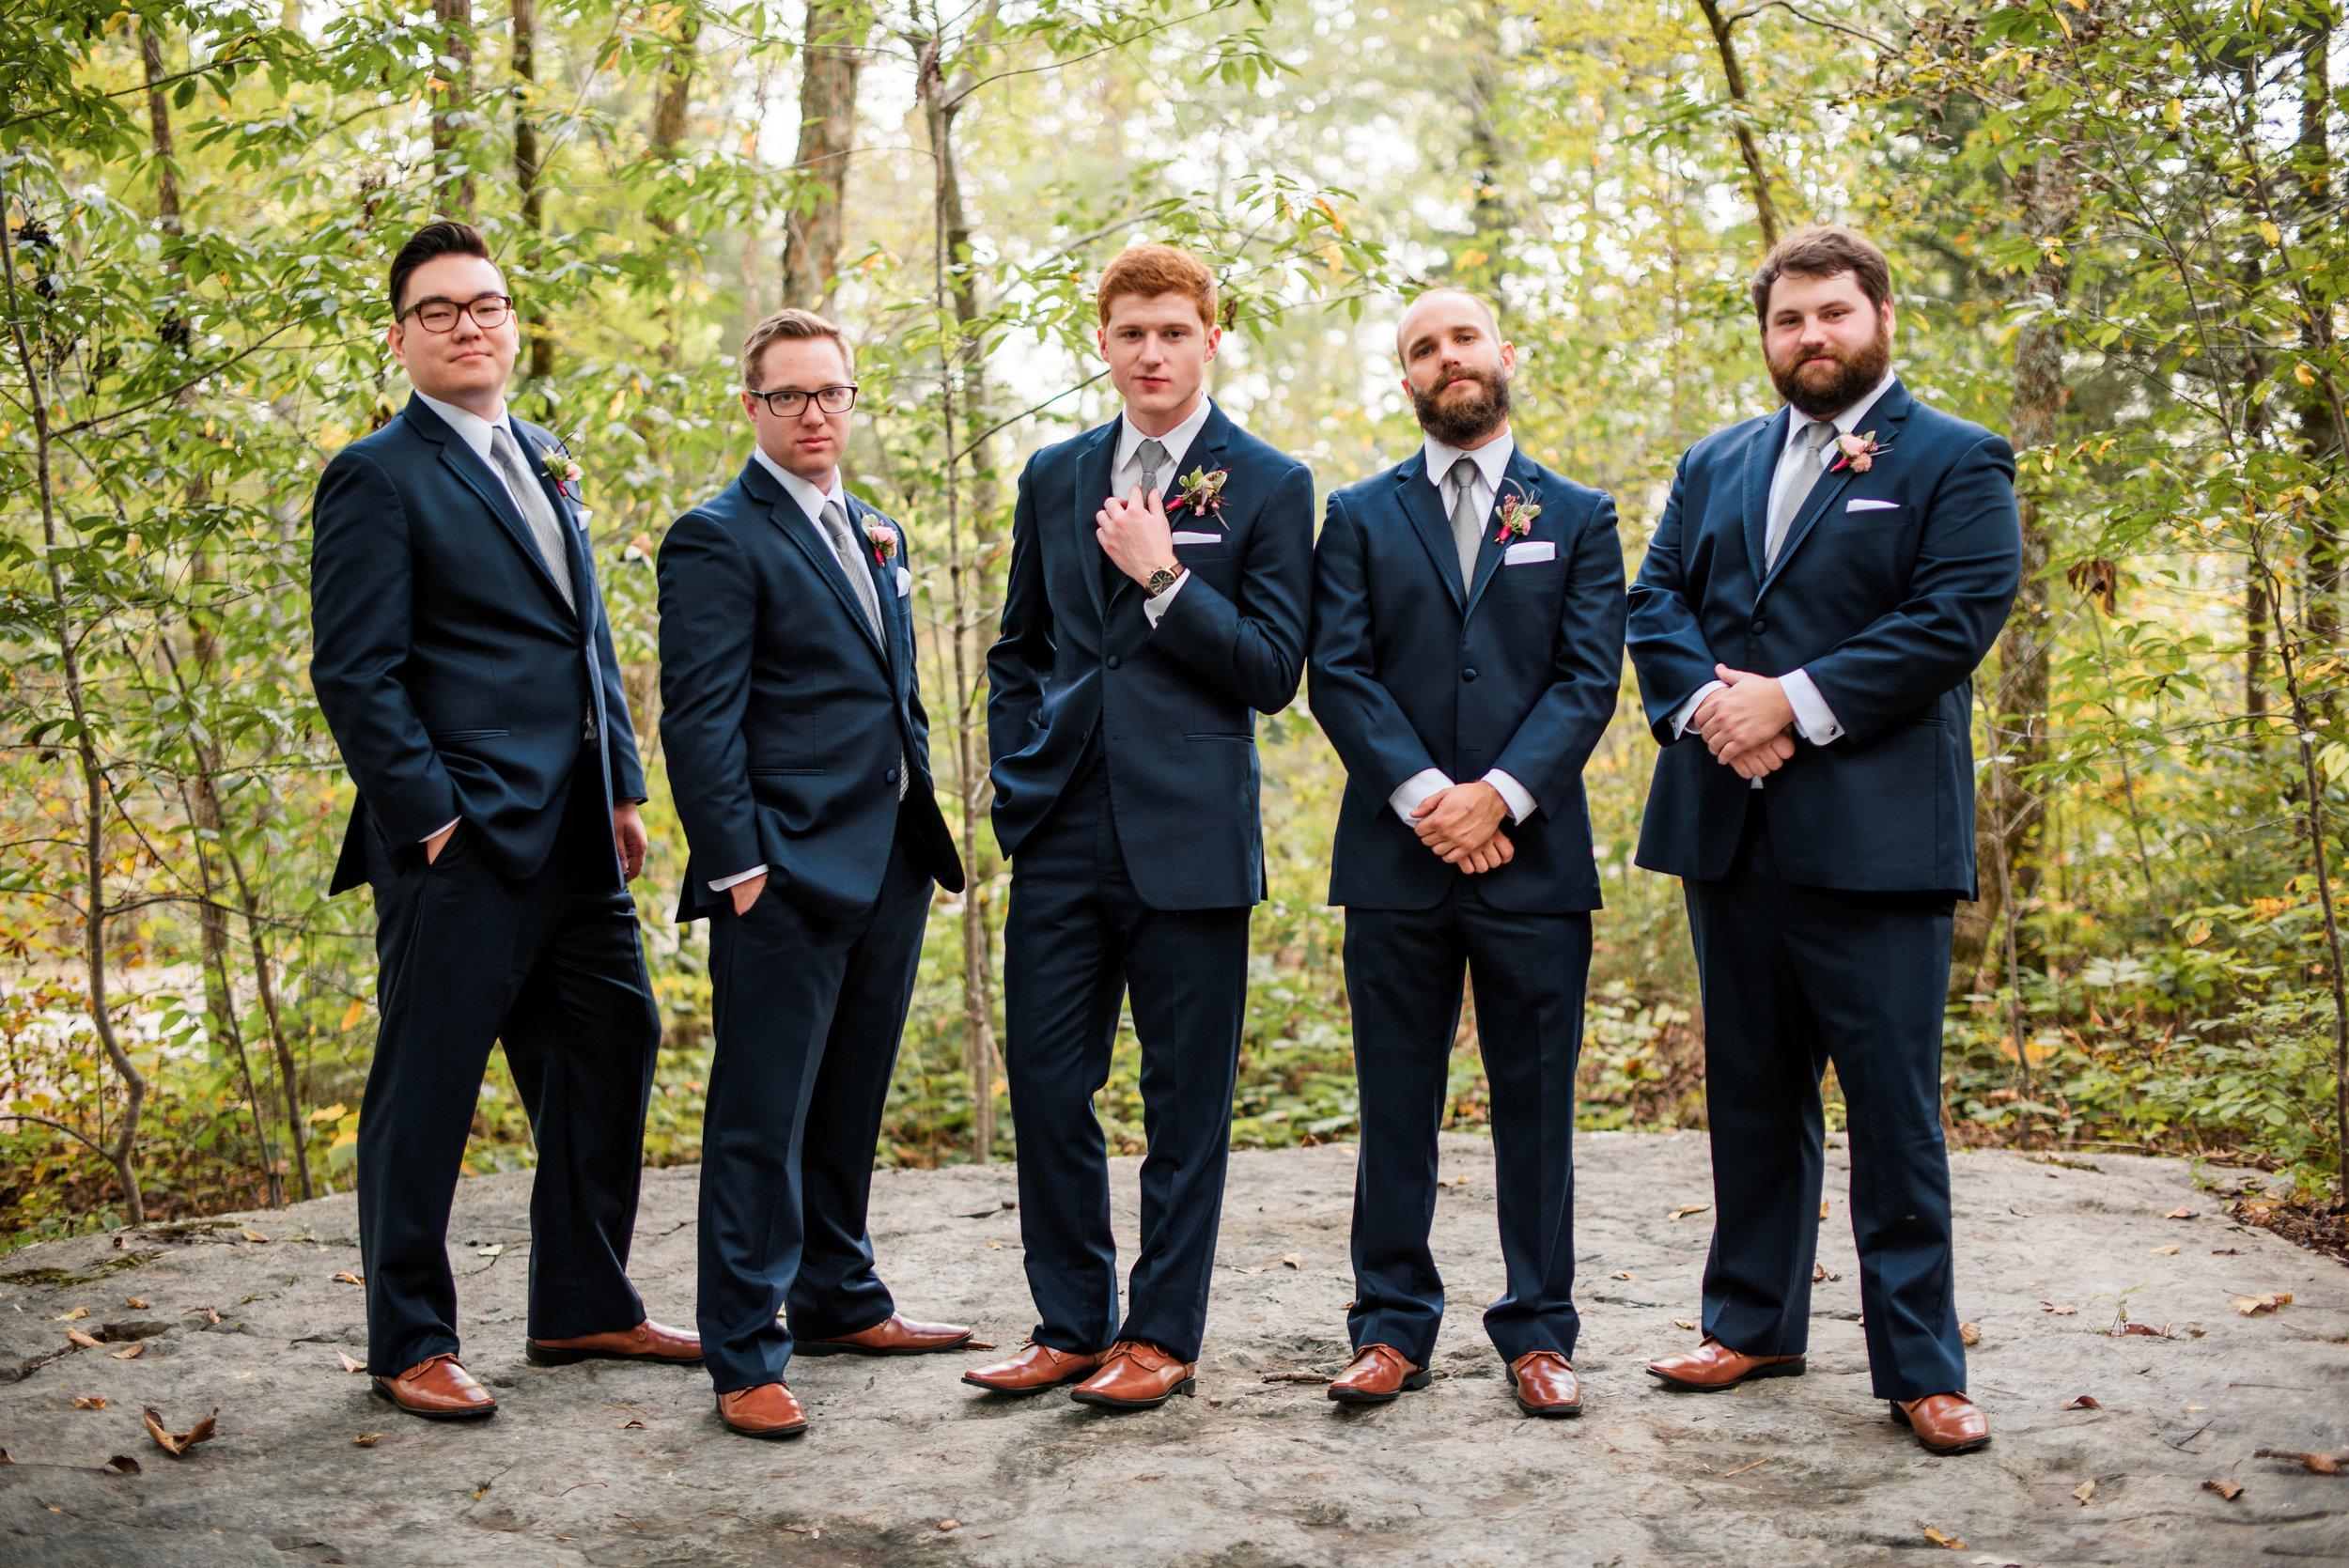 Wrens-Nest-Wedding-Murfreesboro-TN 20.jpg